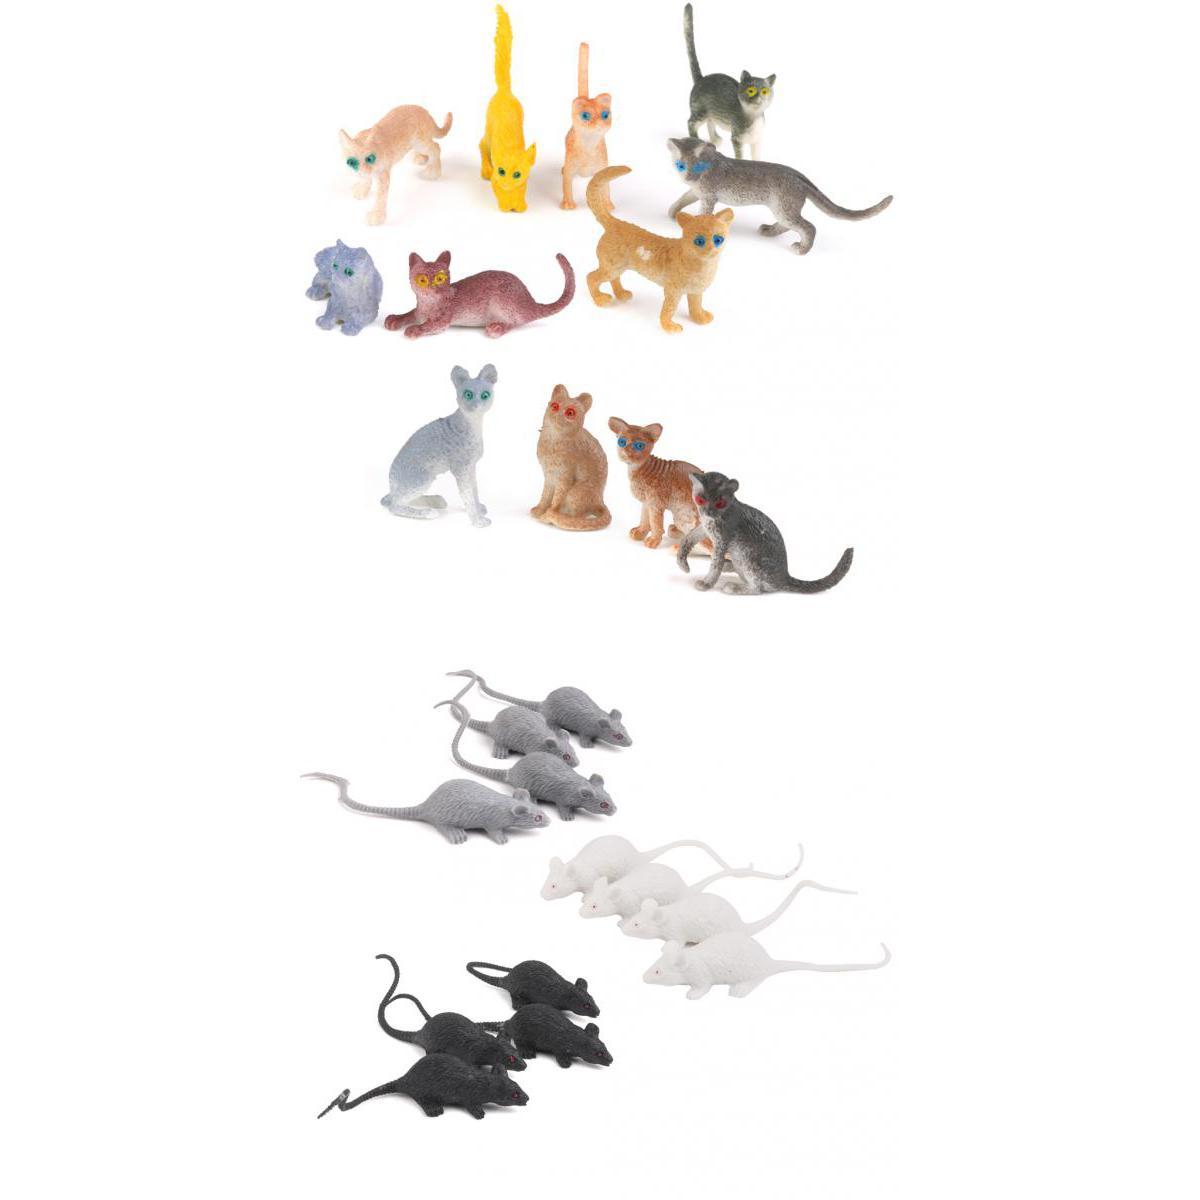 24pcs Plastic Animals Kitten Cats & Rats Mouse Model Figure Kids Party Favor Toy